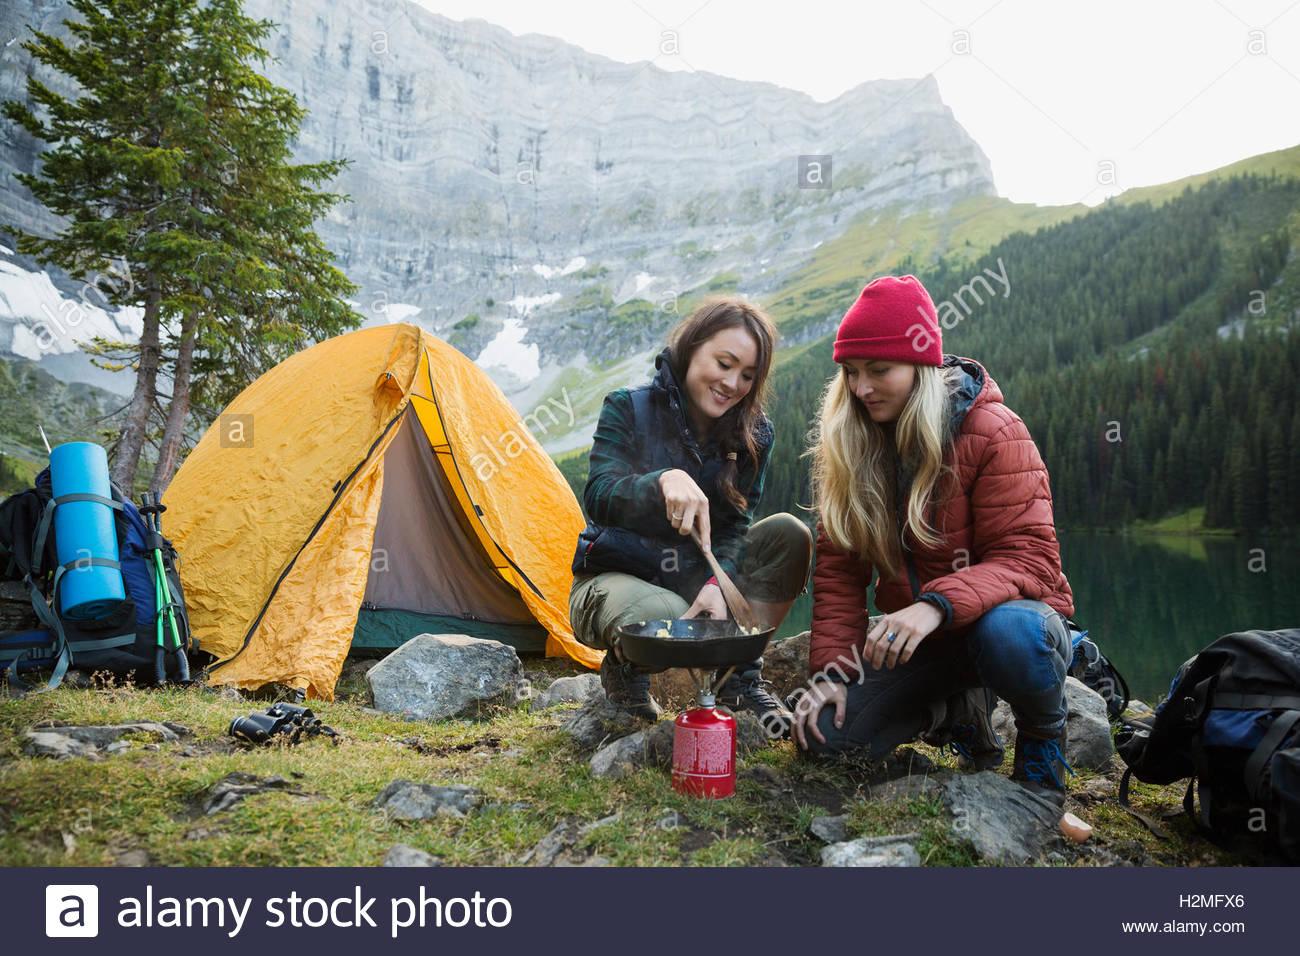 Amigas cocinar con la sartén sobre el queroseno estufa de camping en camping remoto Imagen De Stock